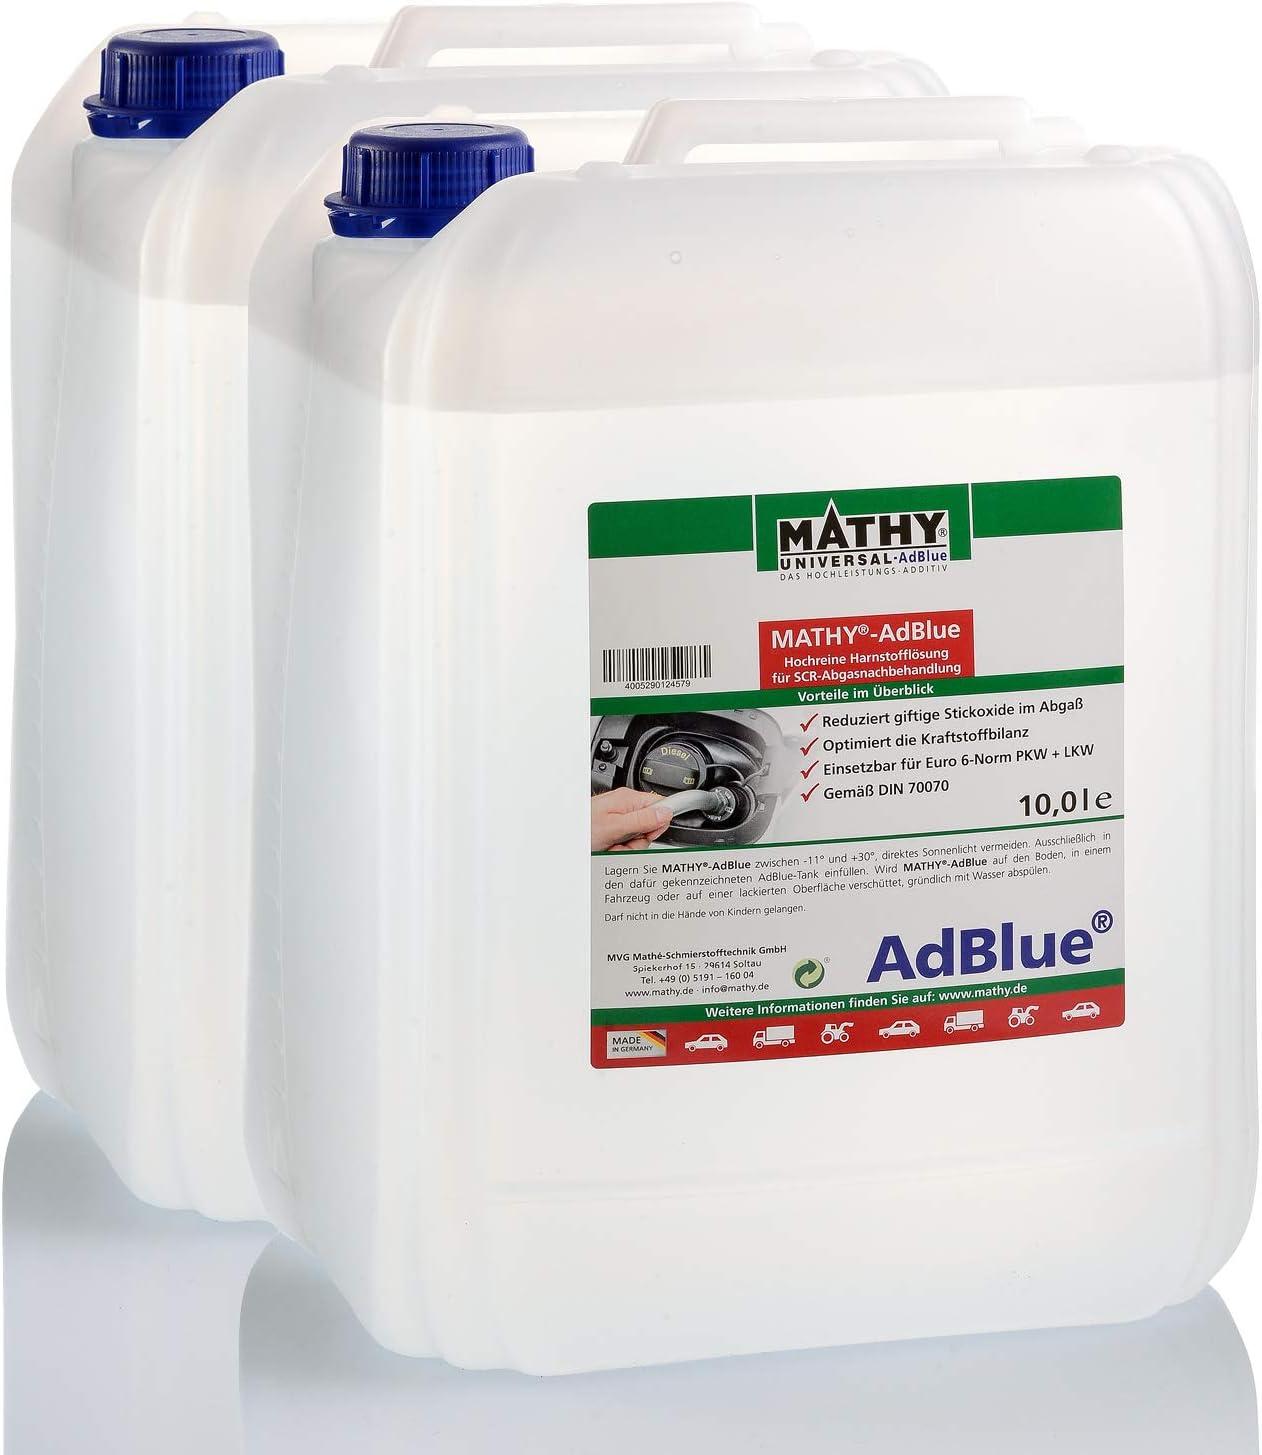 Mathy Adblue 10 Liter Hochreine Harnstofflösung Für Scr Abgasnachbehandlung Inklusive Einfüllhilfe Auto